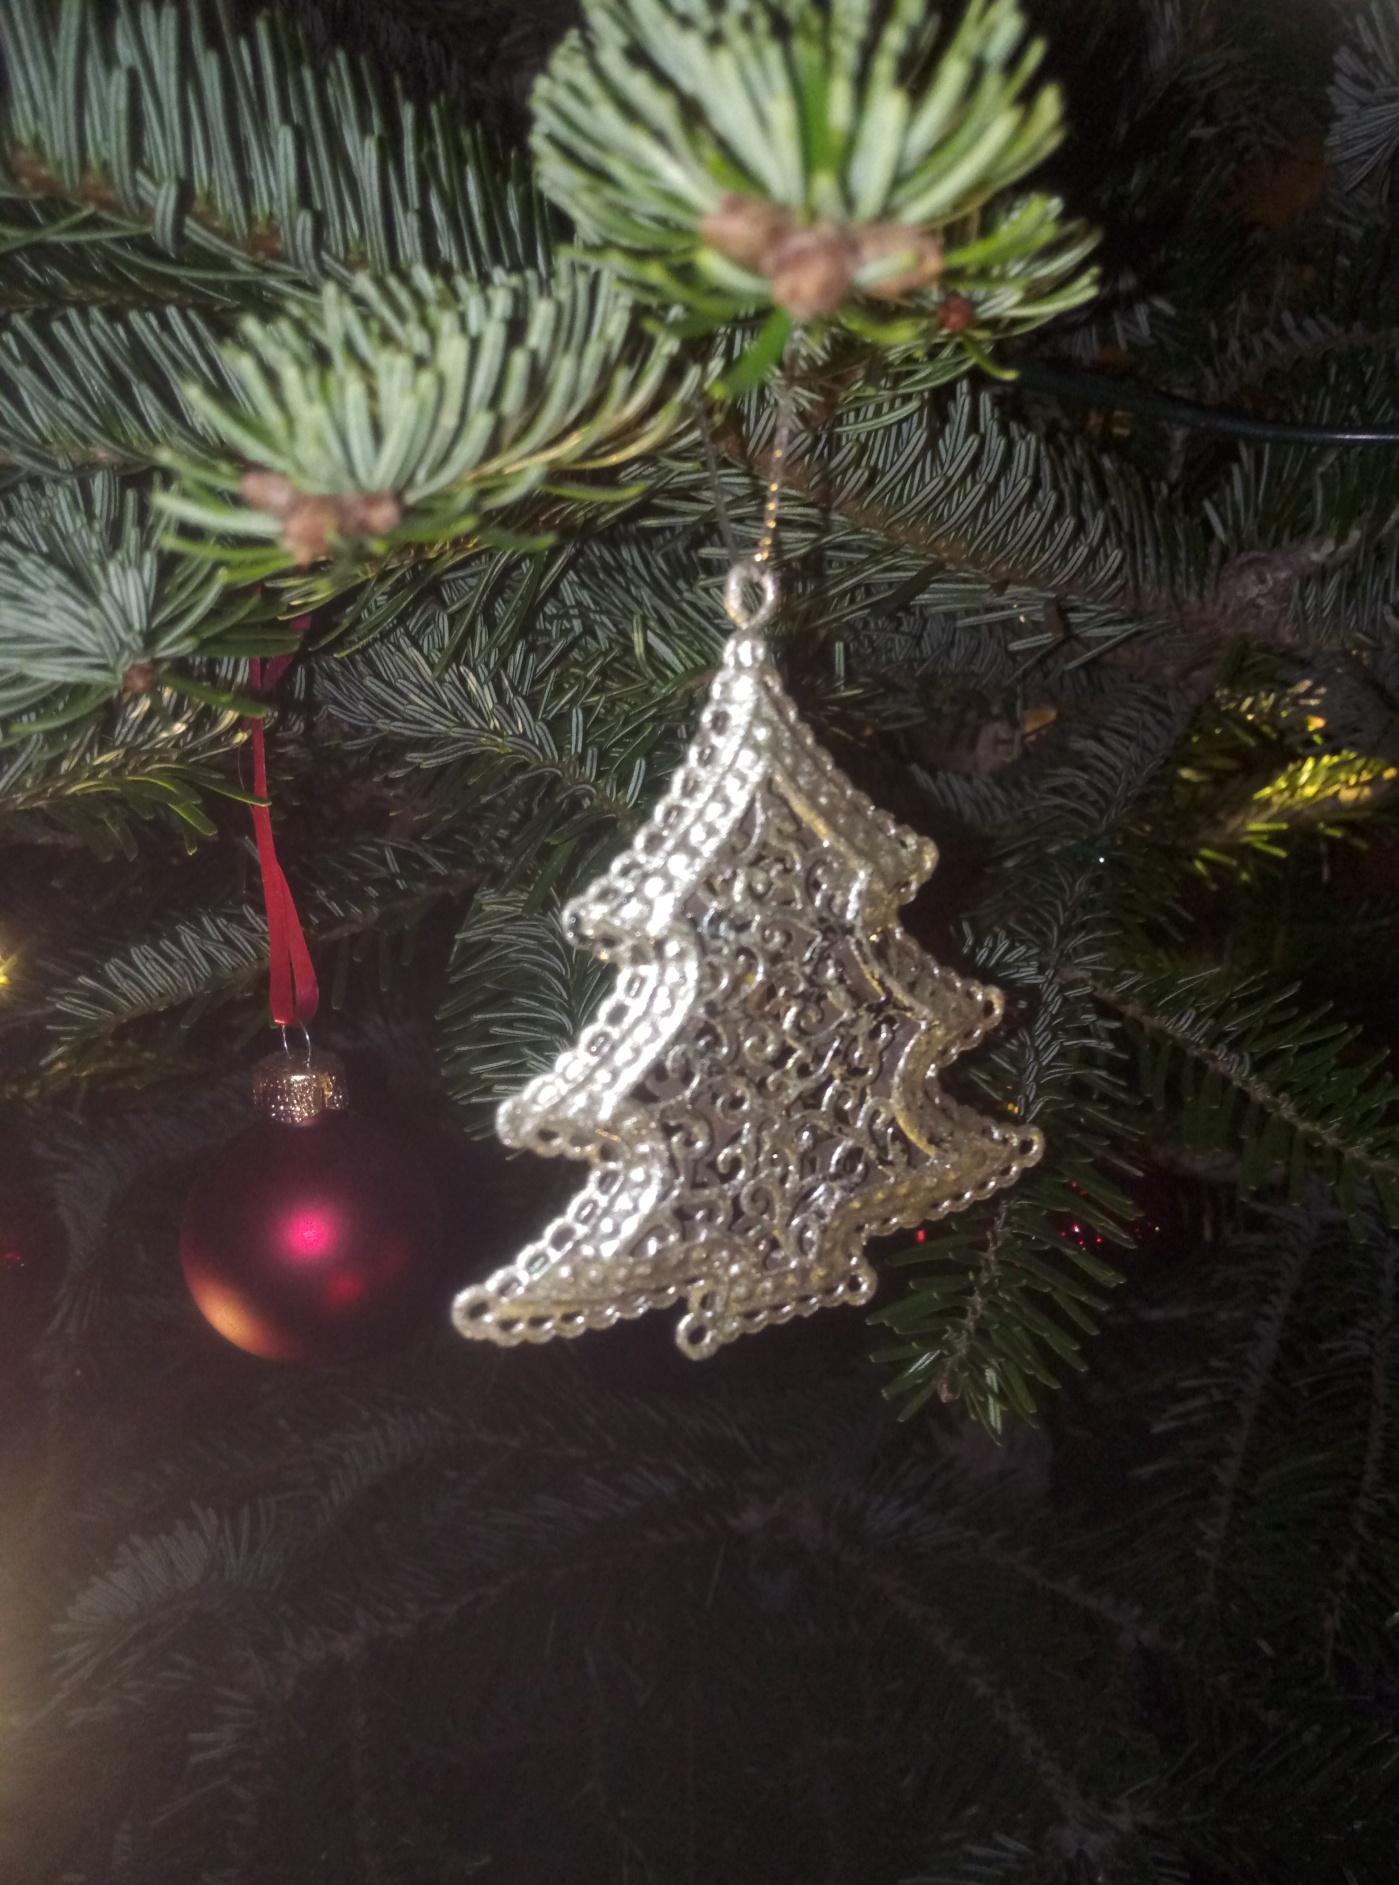 Frohe Und Gesegnete Weihnachten.Frohe Und Gesegnete Weihnachten Zurück Zur Landwirtschaft